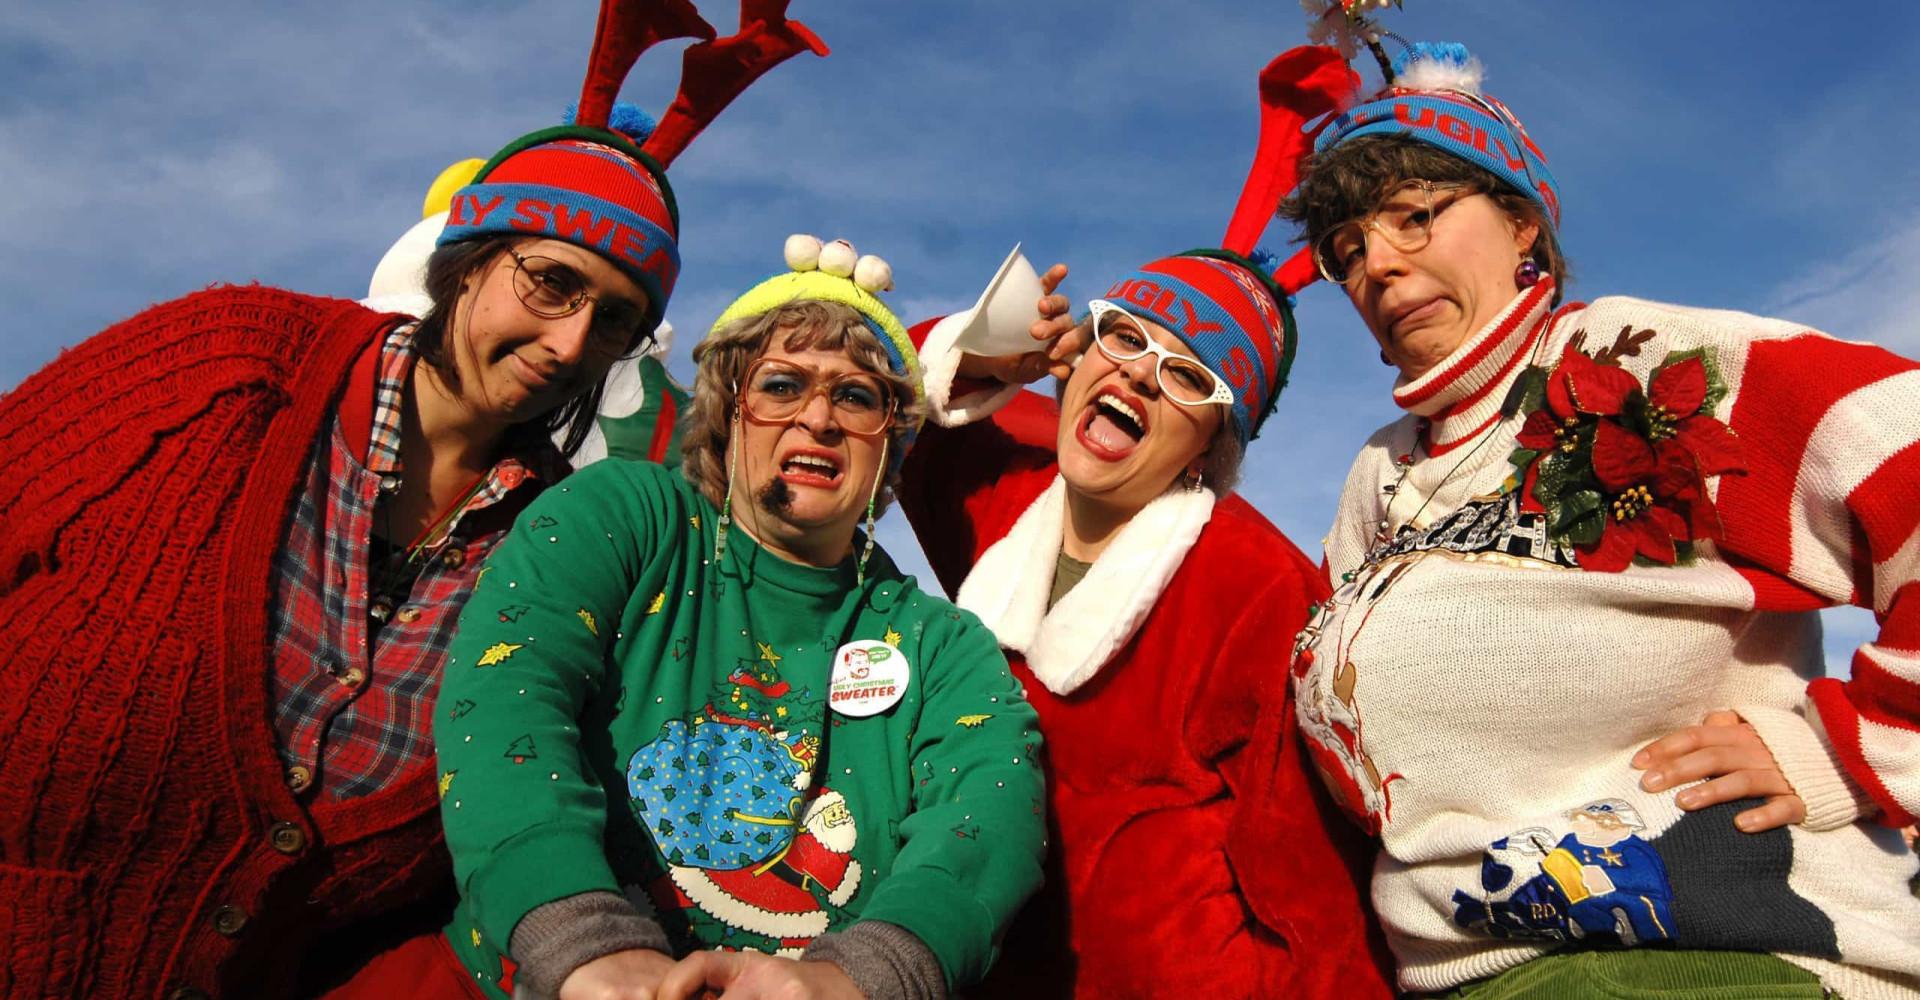 Los jerséis navideños más denigrantes del mundo